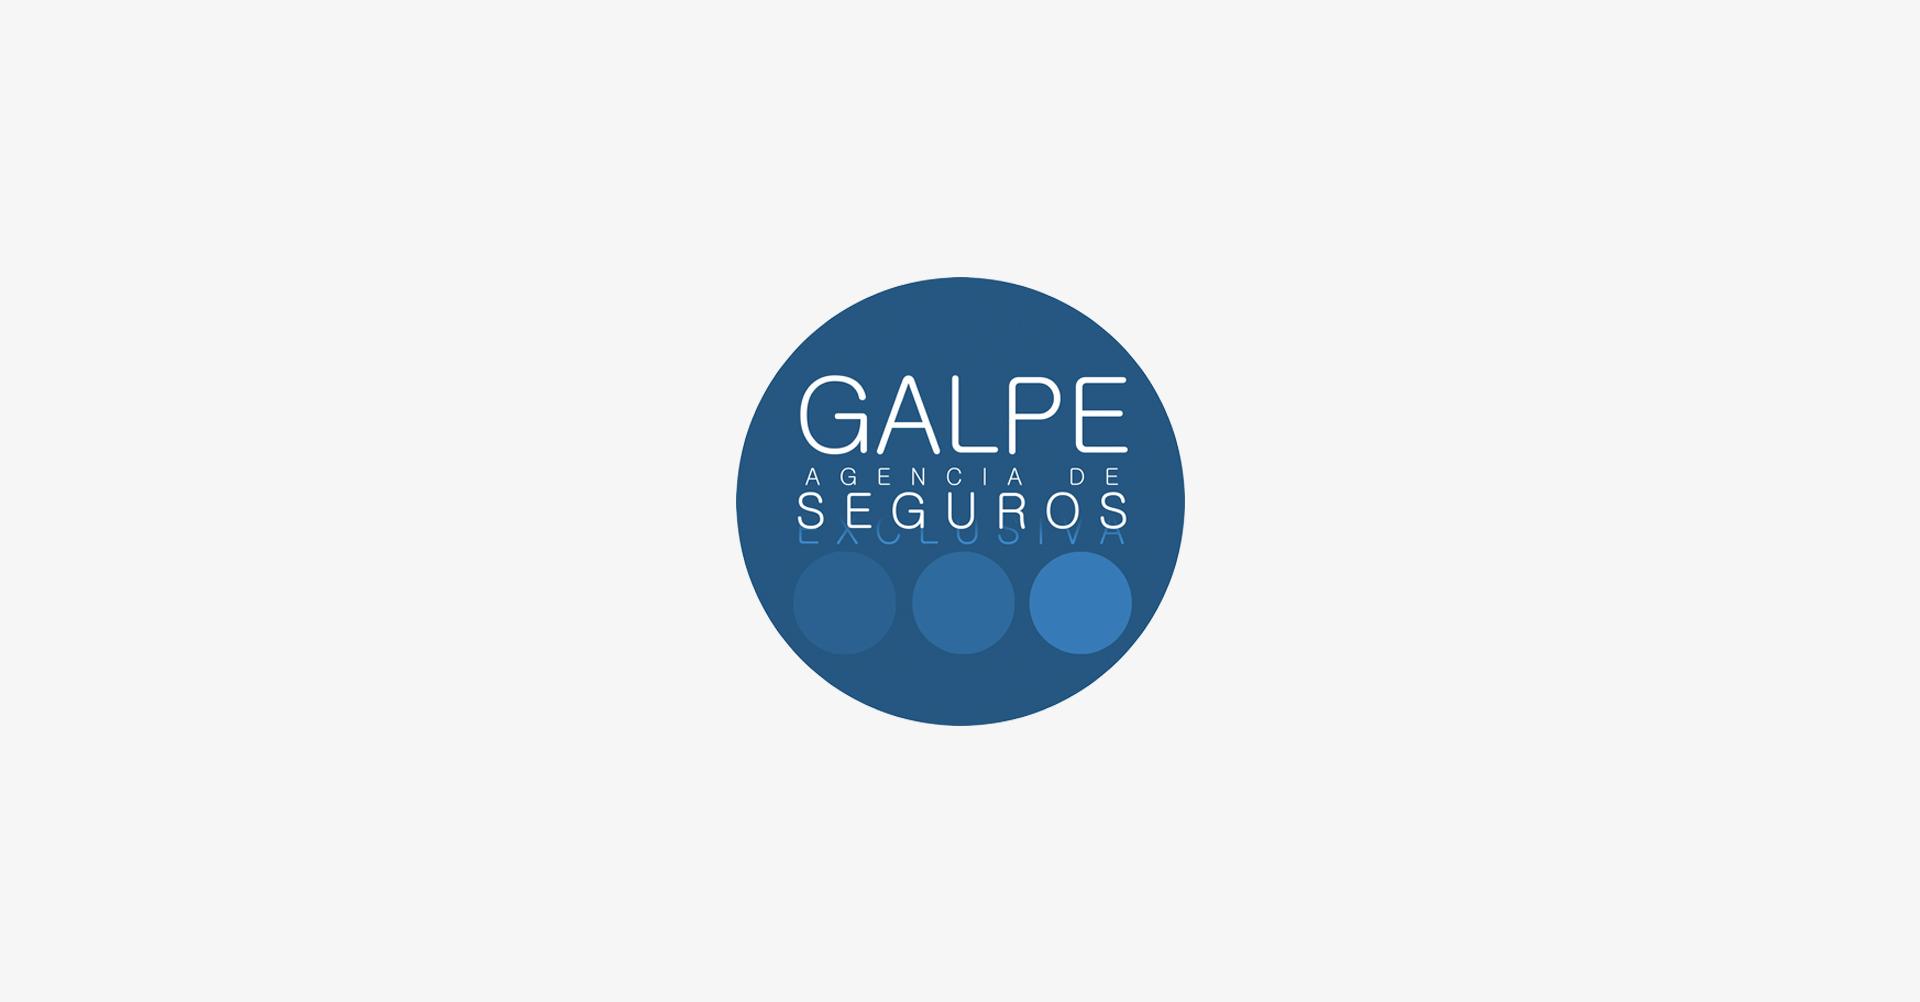 Galpe Agencia de Seguros Exclusivas | Logo